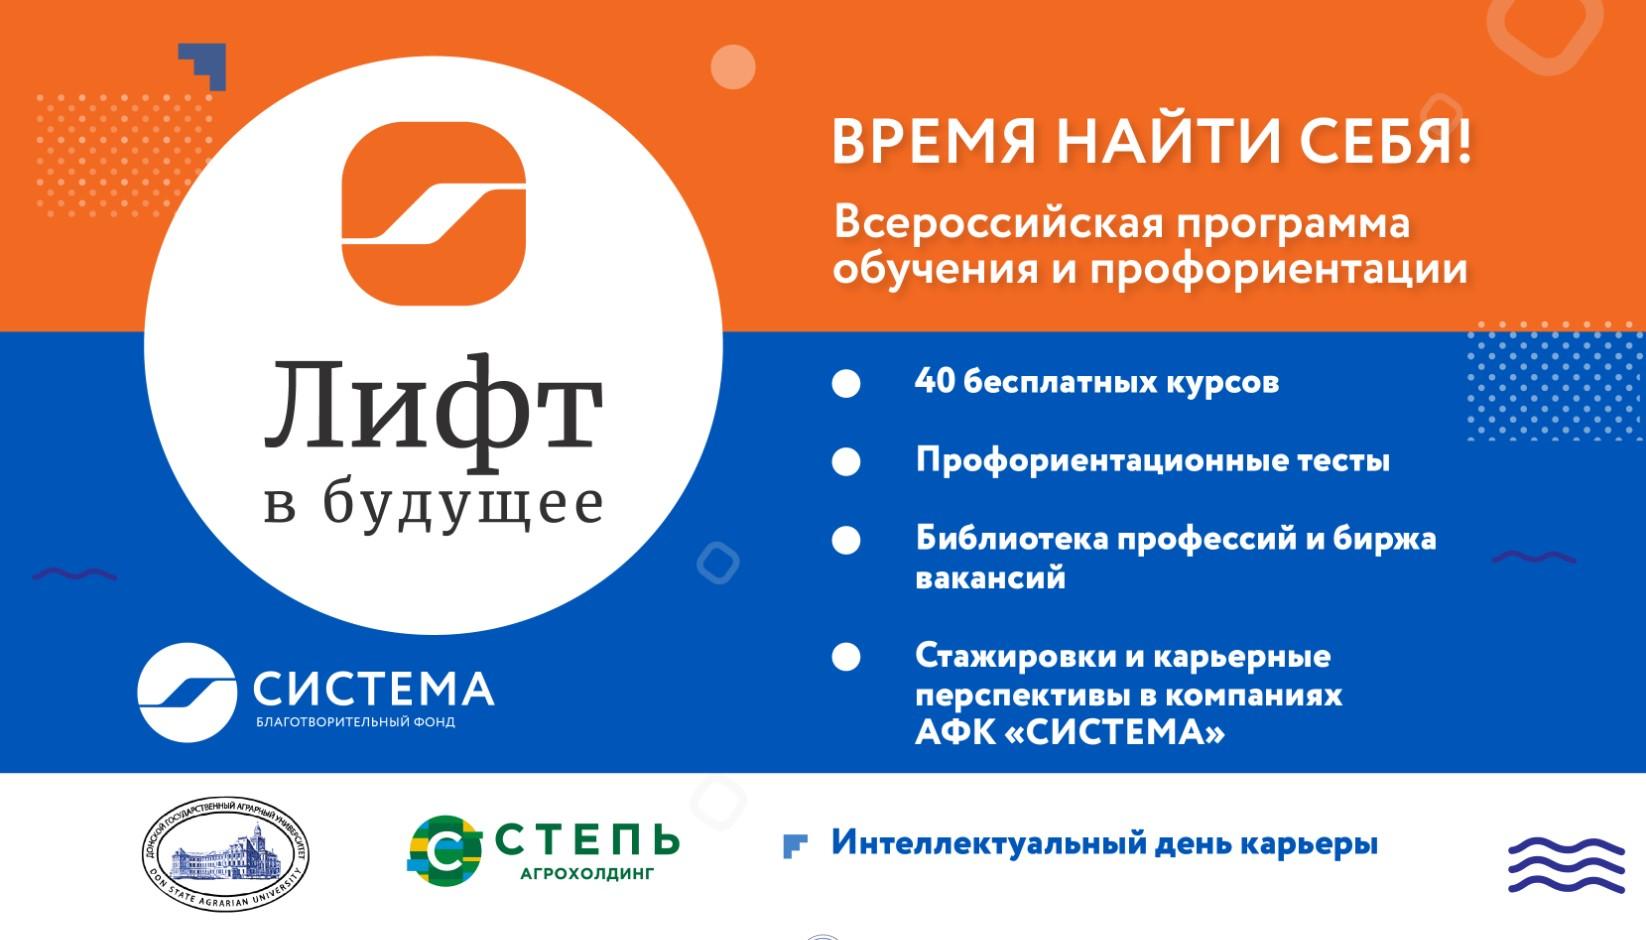 Интерактивная сессия «Лифт в будущее» для студентов ДГАУ состоится 9 декабря